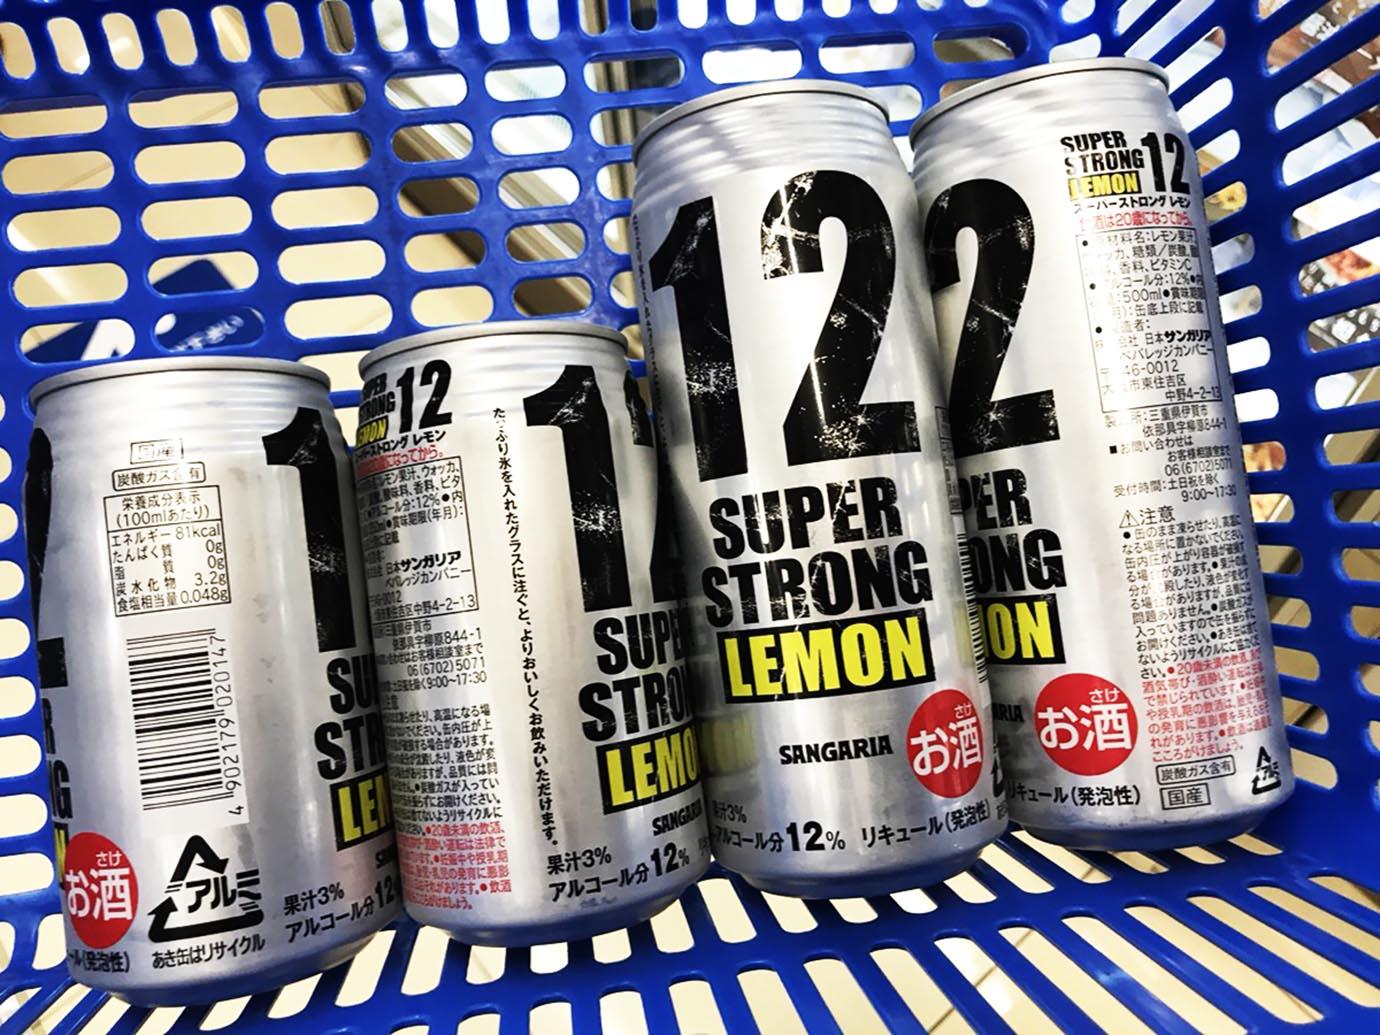 lawson-super-strong-lemon10